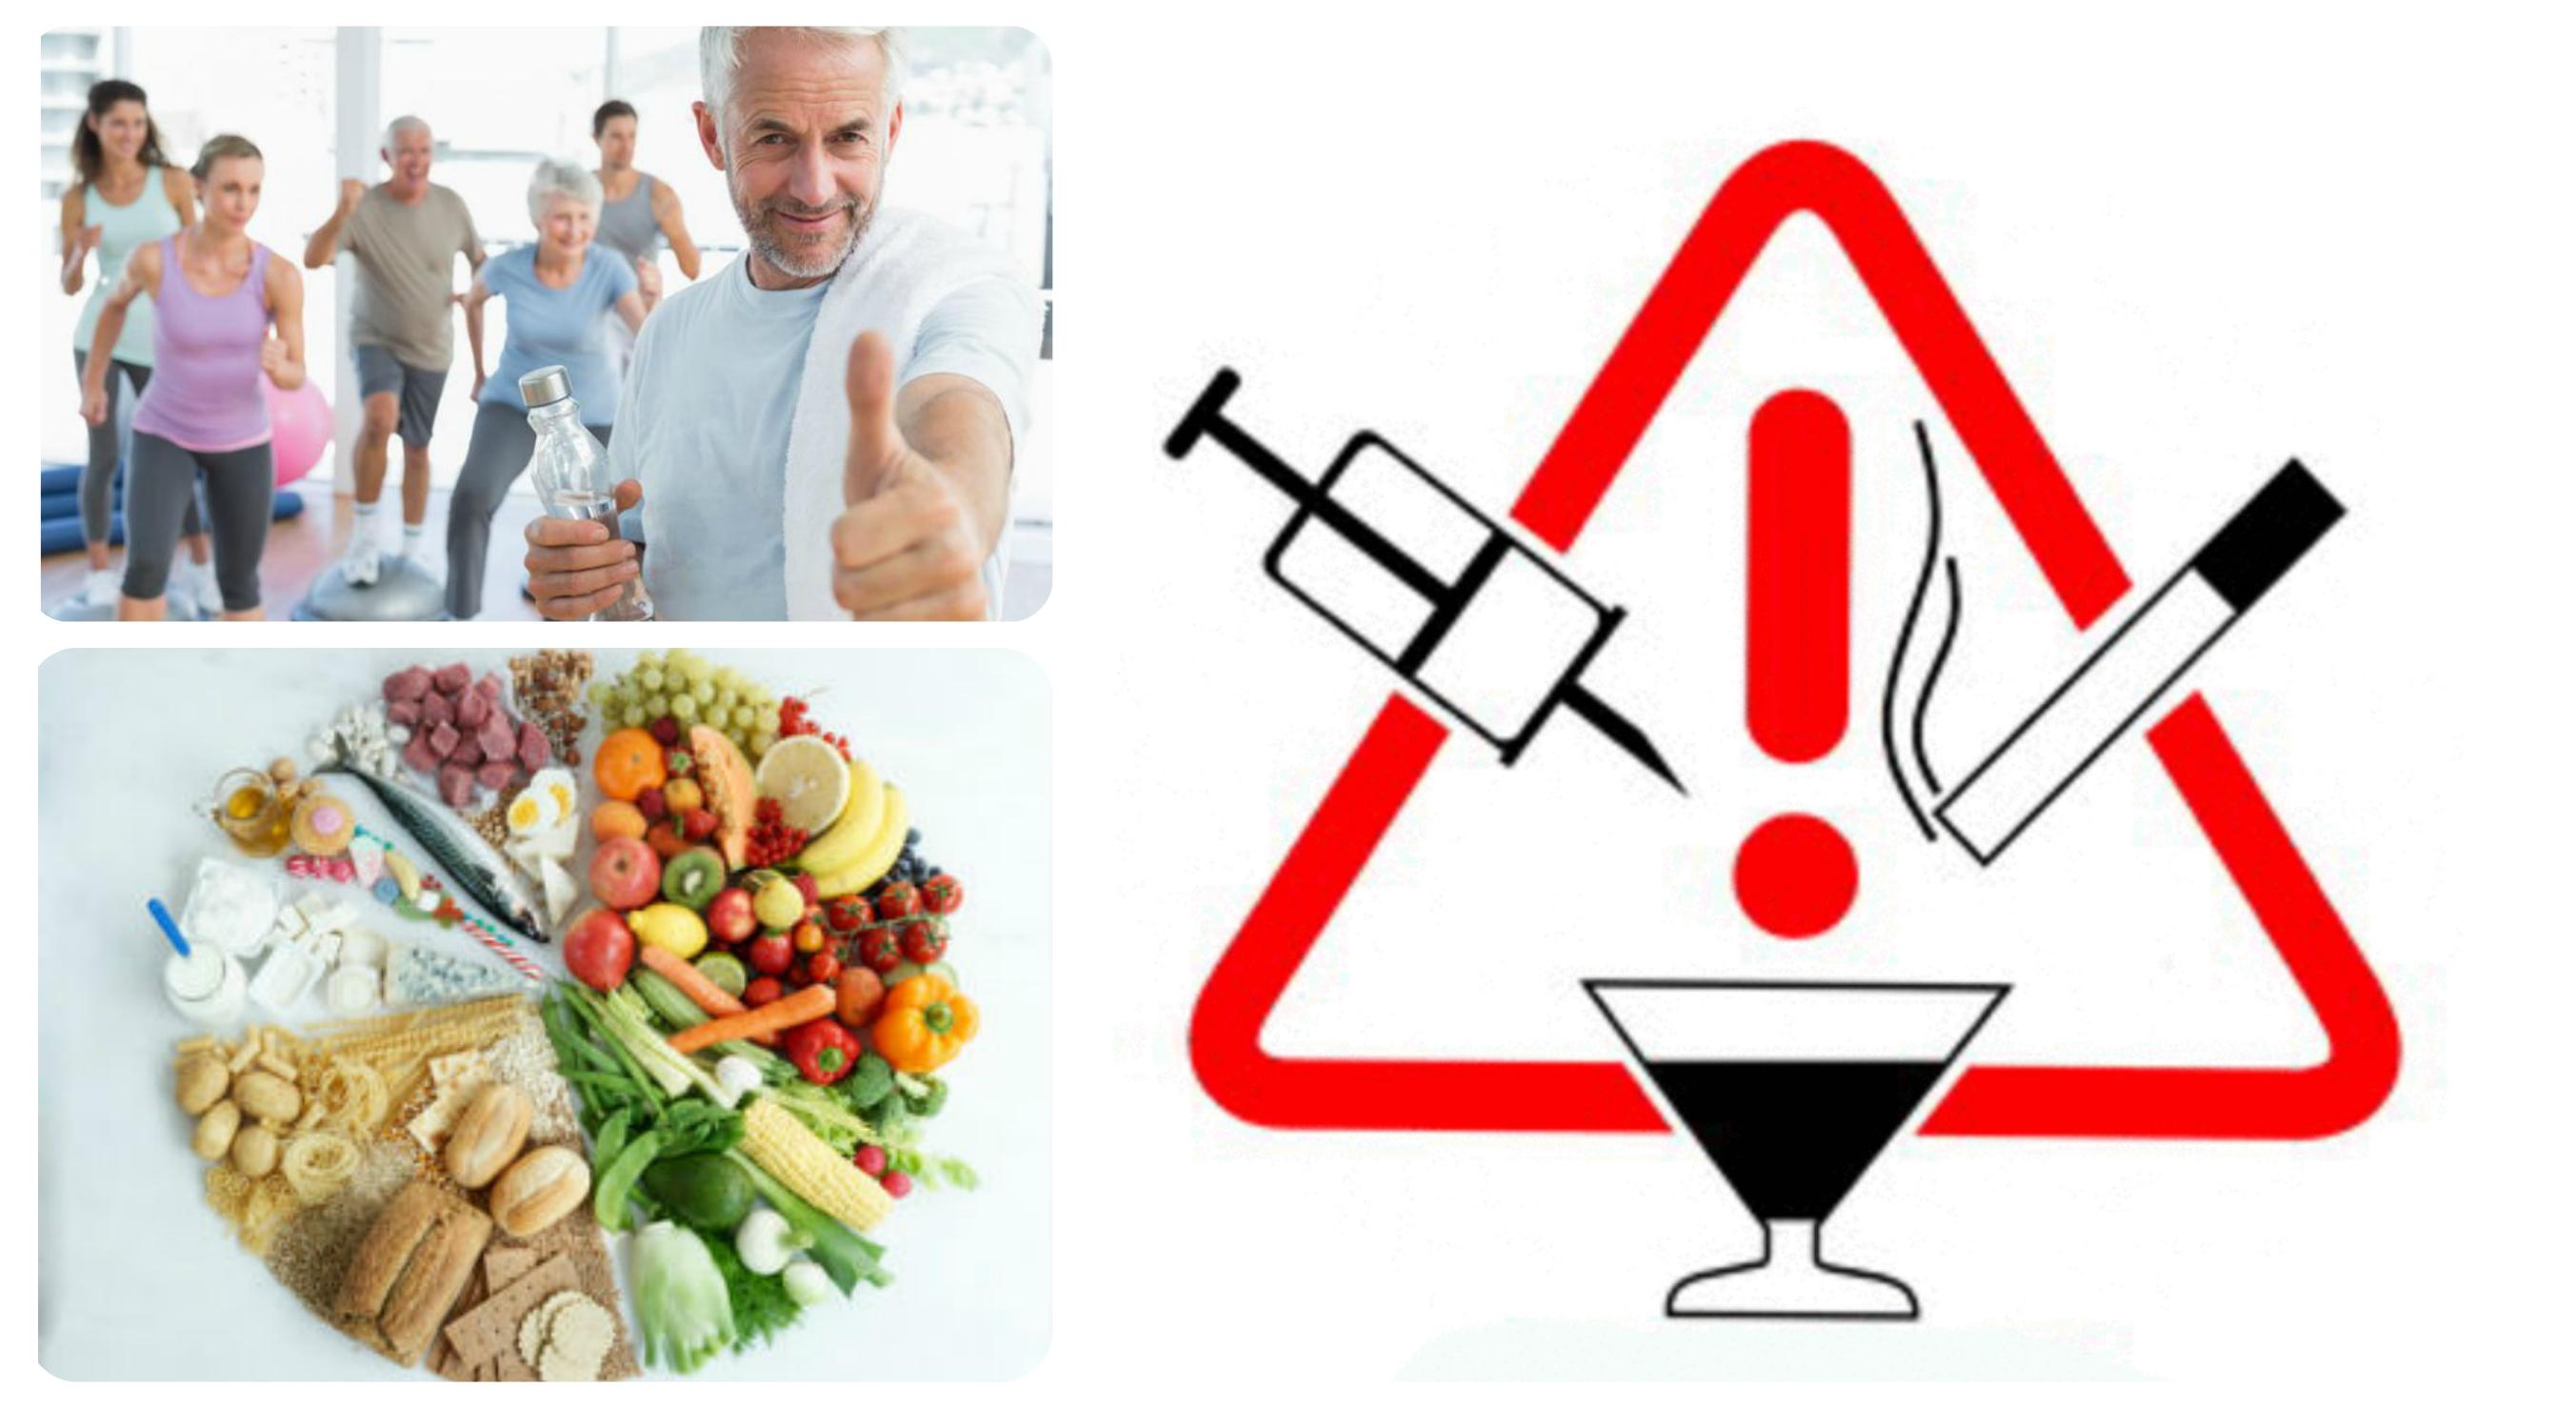 отказ от вредных привычек, физические нагрузки, правильное питание